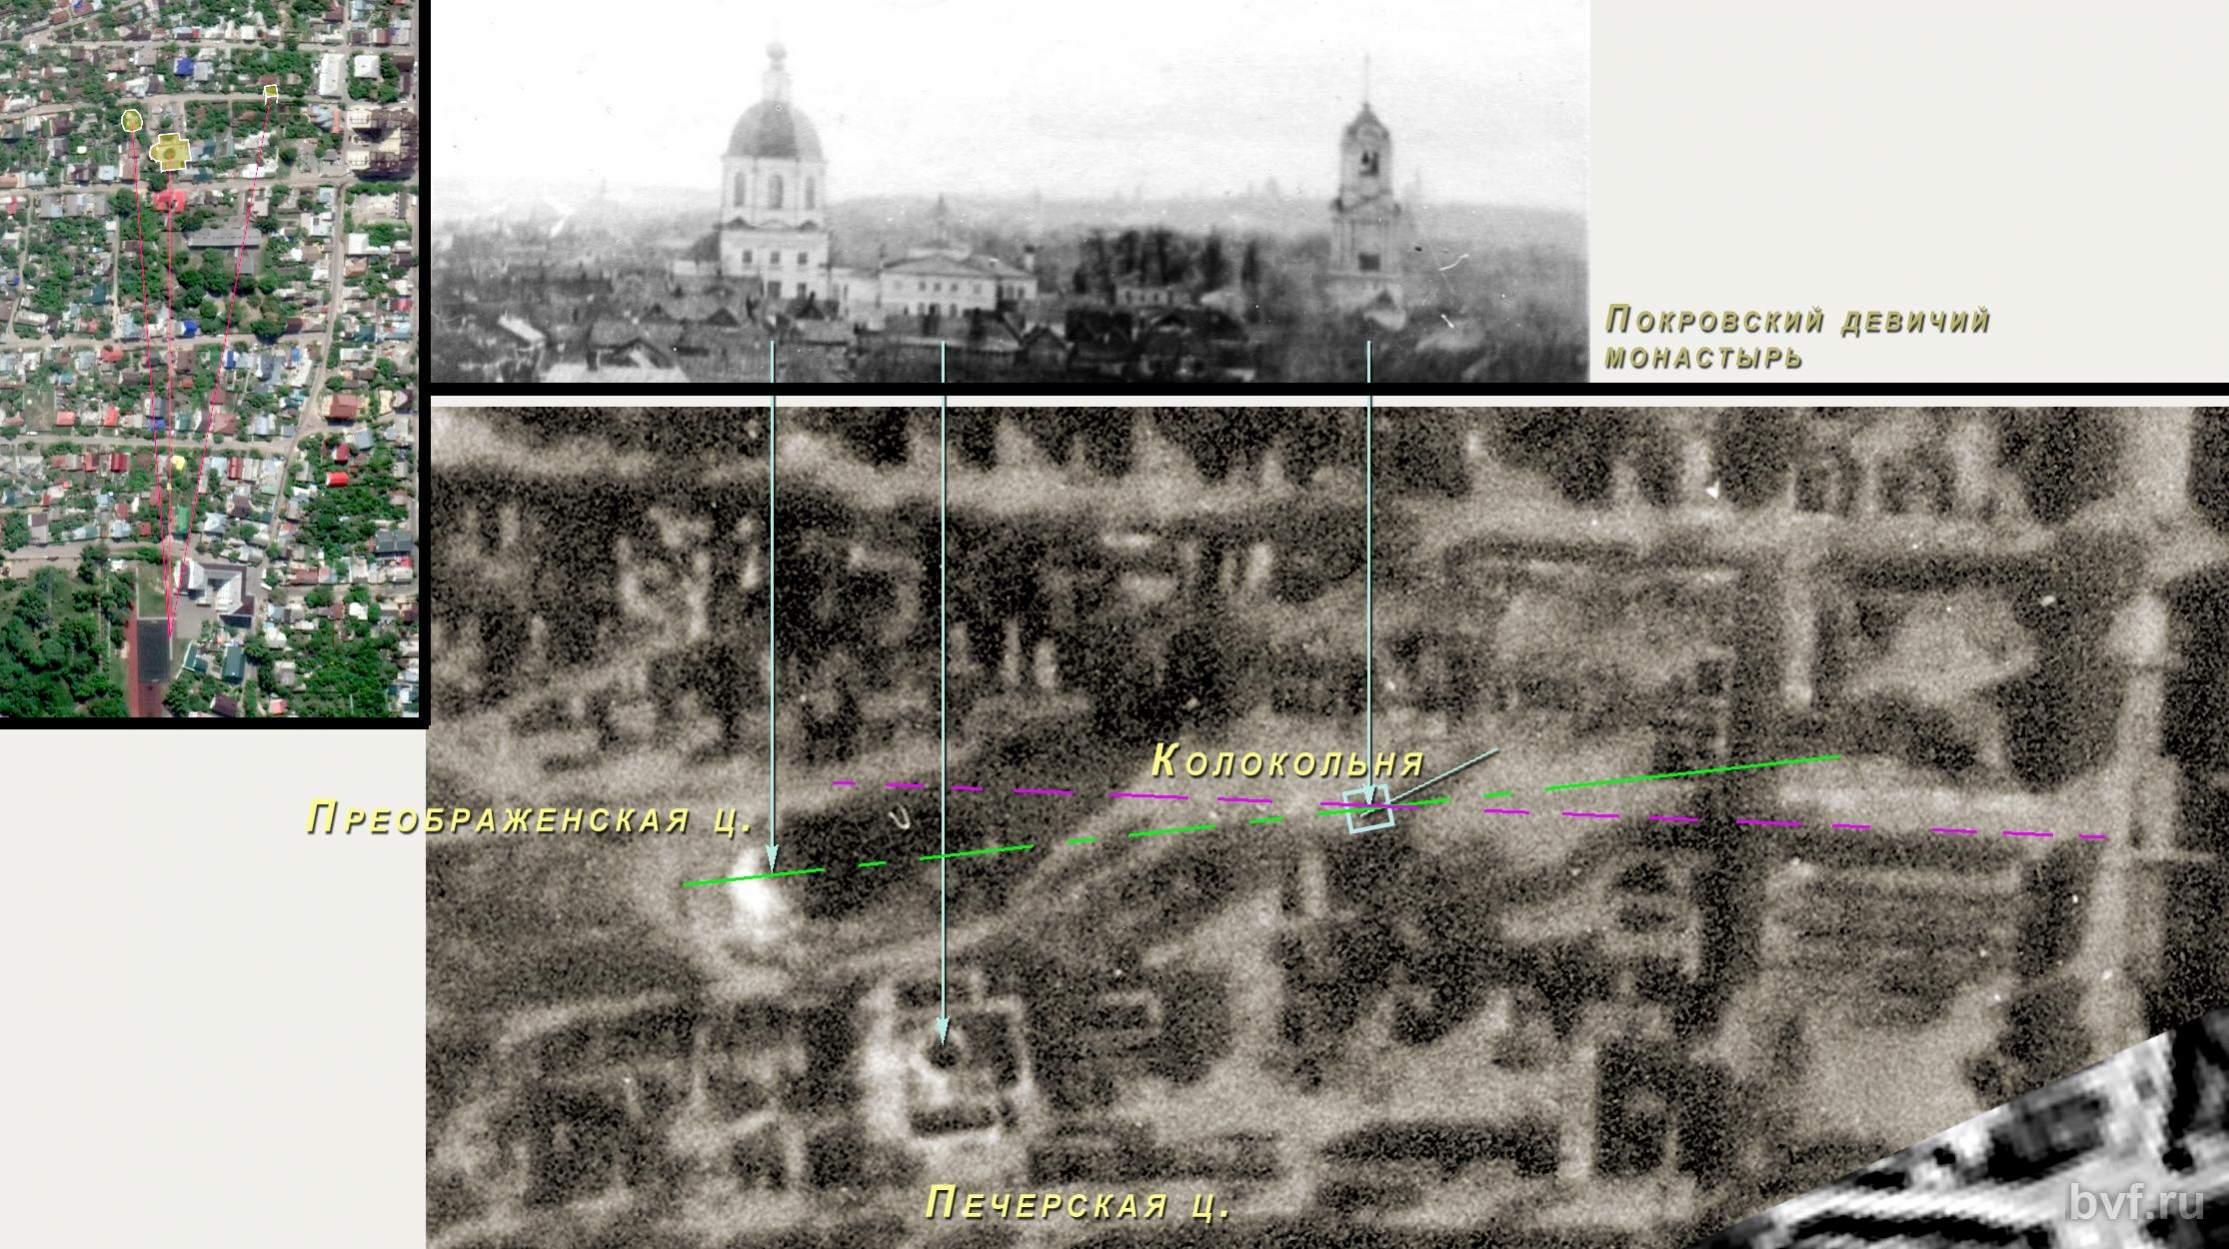 Нажмите на изображение для увеличения Название: Покр девич монастырь.jpg Просмотров: 22 Размер:360.3 Кб ID:2982359